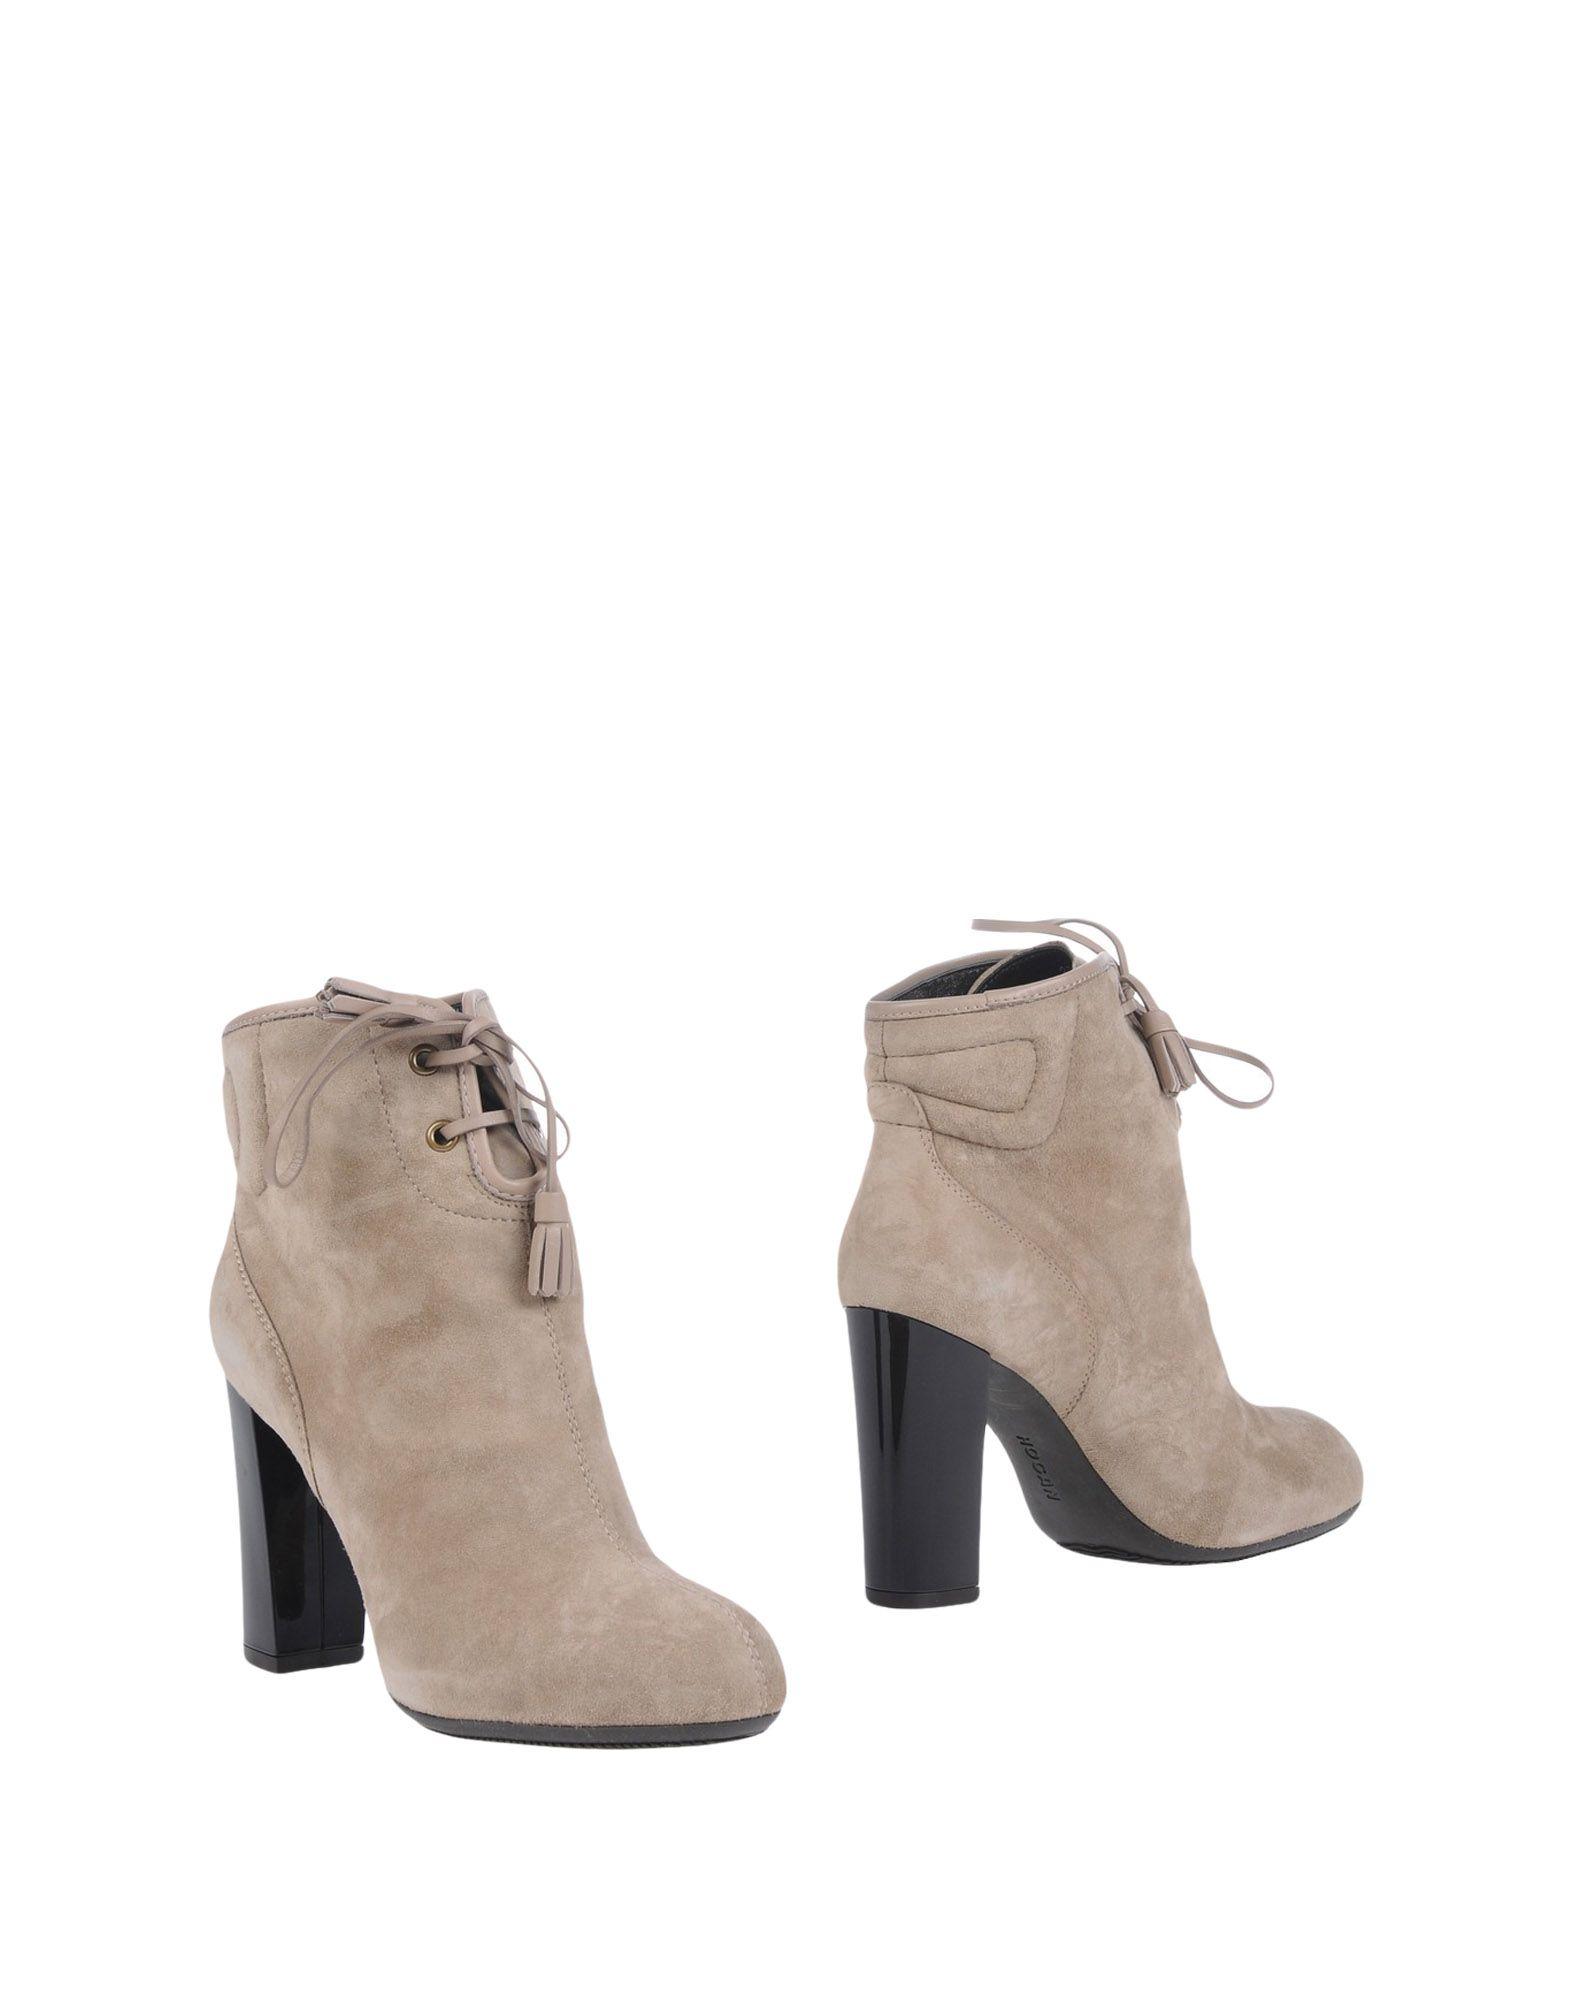 Hogan Stiefelette Damen  11202986RTGut aussehende strapazierfähige Schuhe